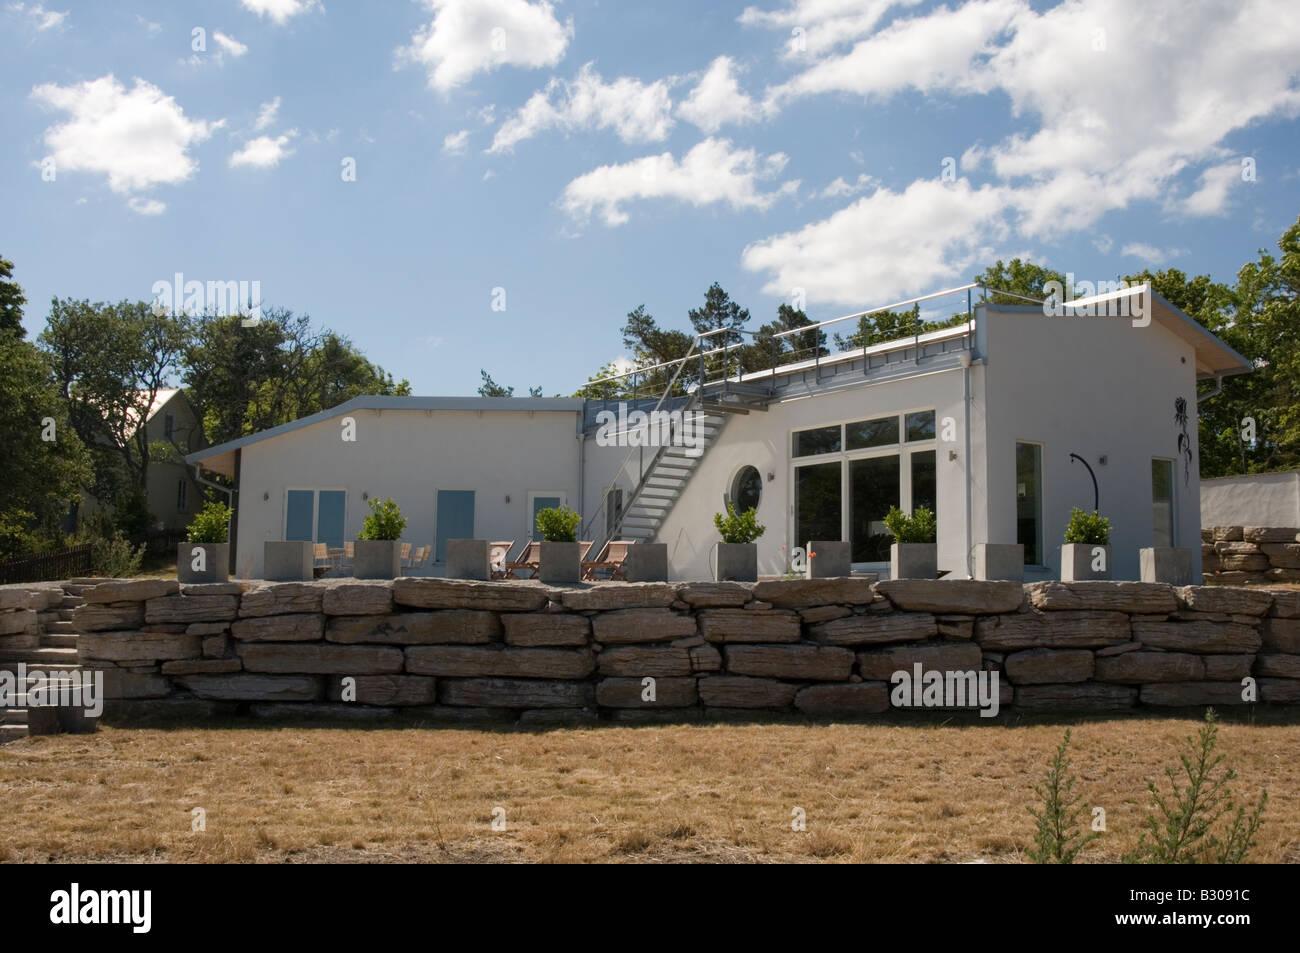 zeitgenössischer schwedische Architektur Haus moderne stilvolle ...